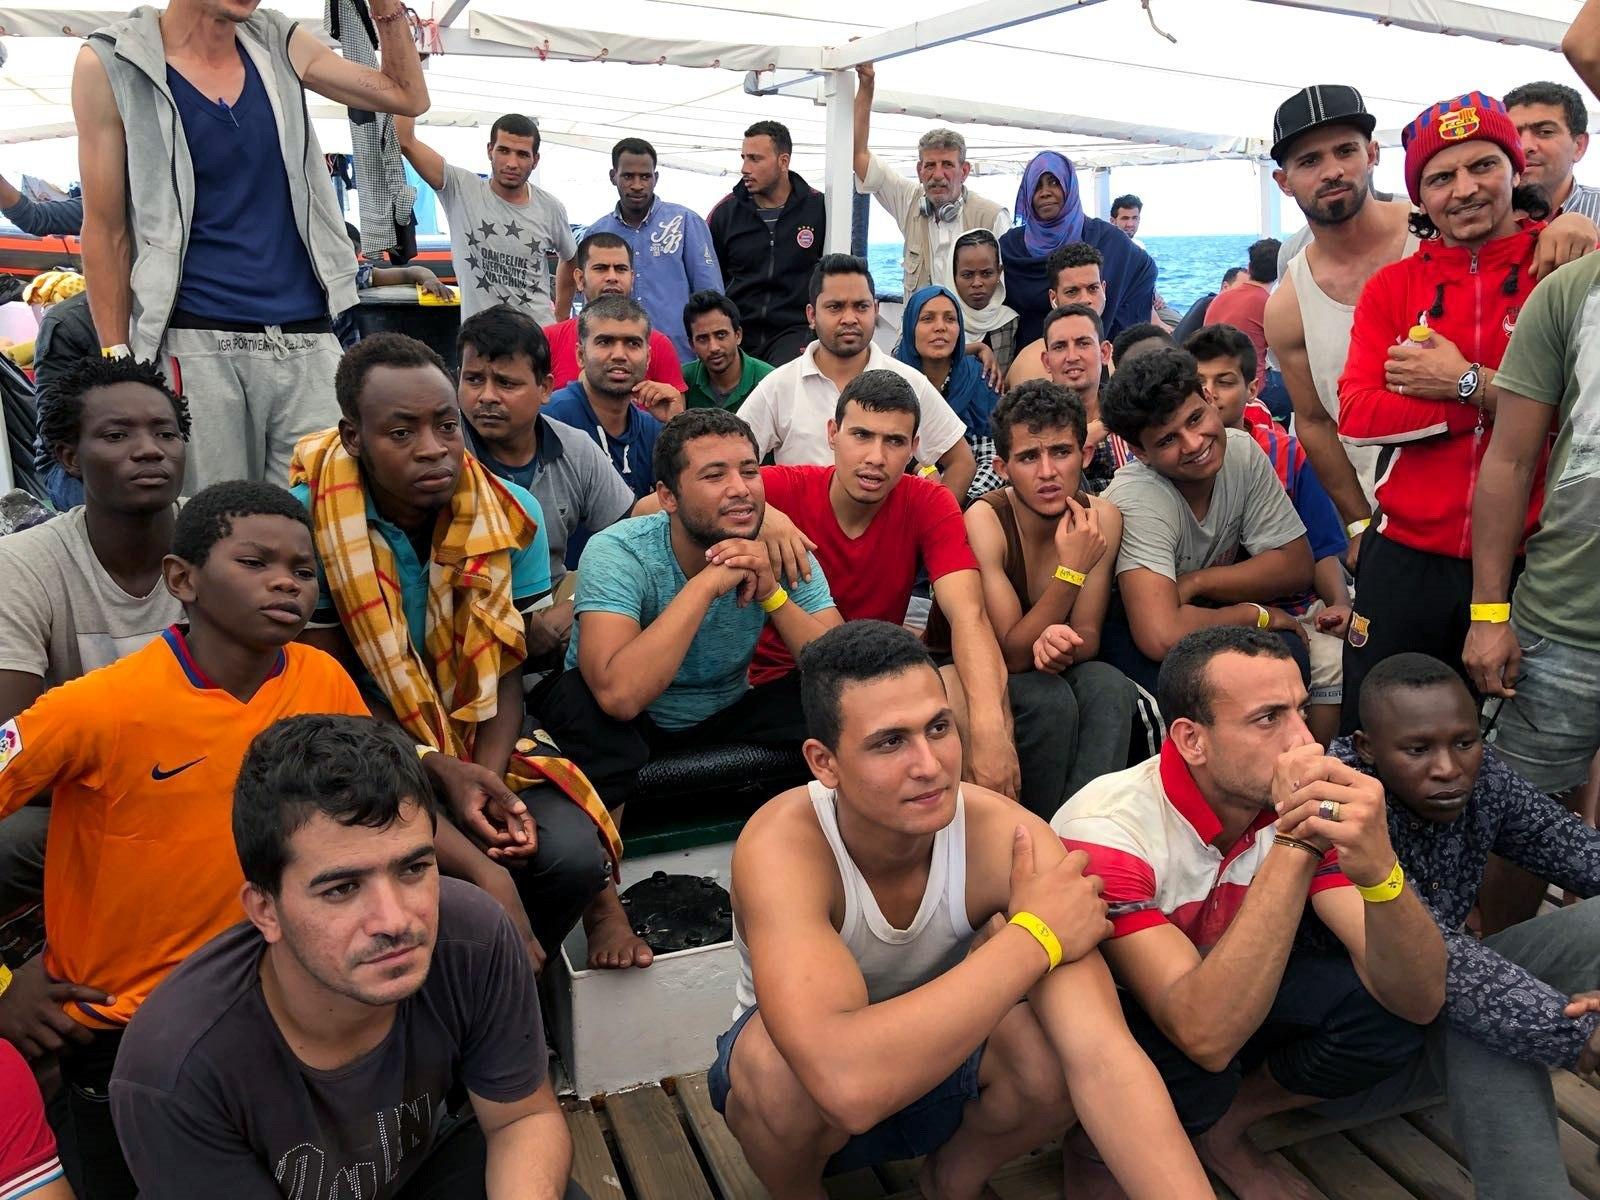 За последние полгода в Испанию прибыло морским путем около 16 тысяч нелегалов